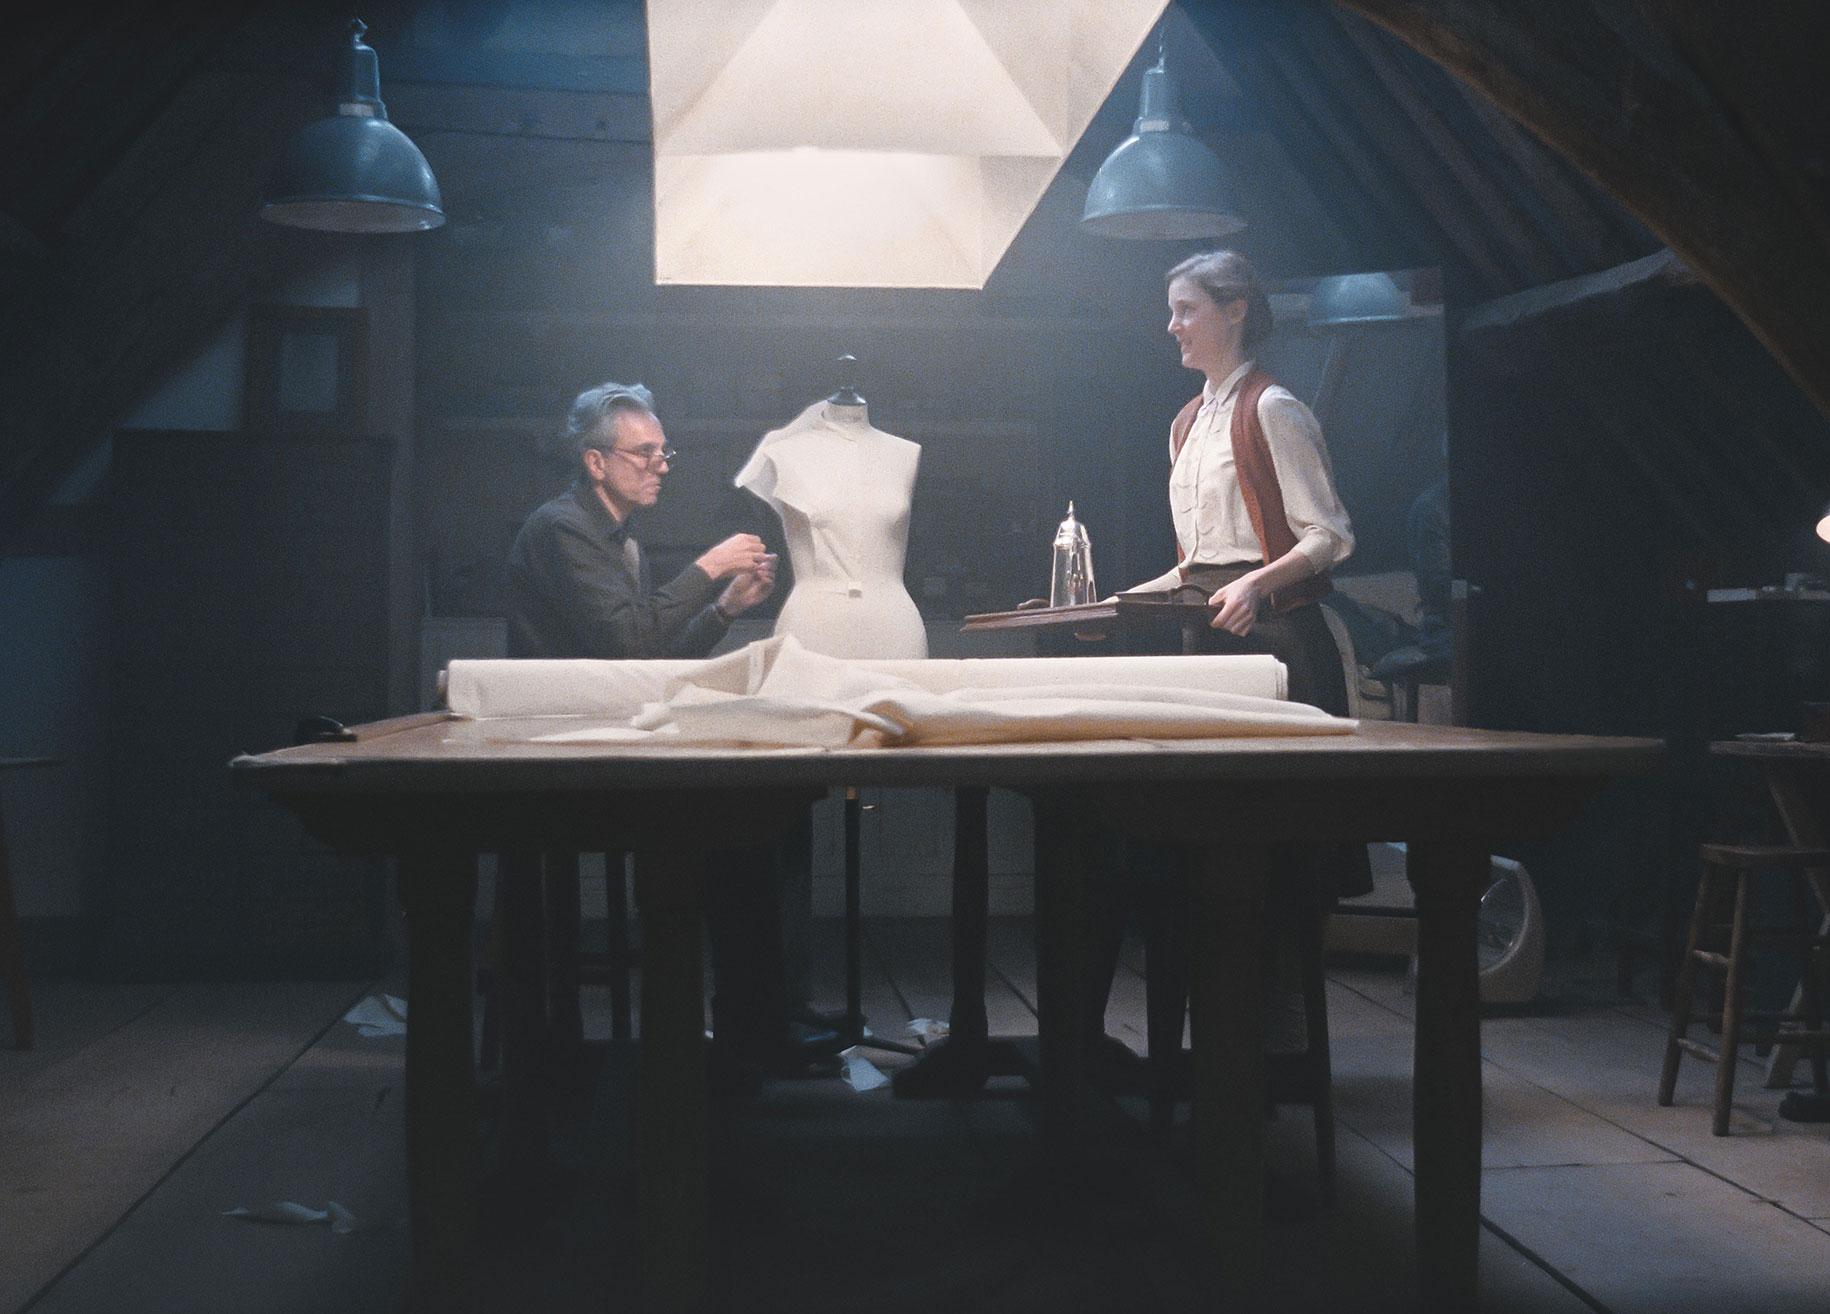 Alma (Vicky Krieps) visits Reynolds (Daniel Day-Lewis) in his workshop